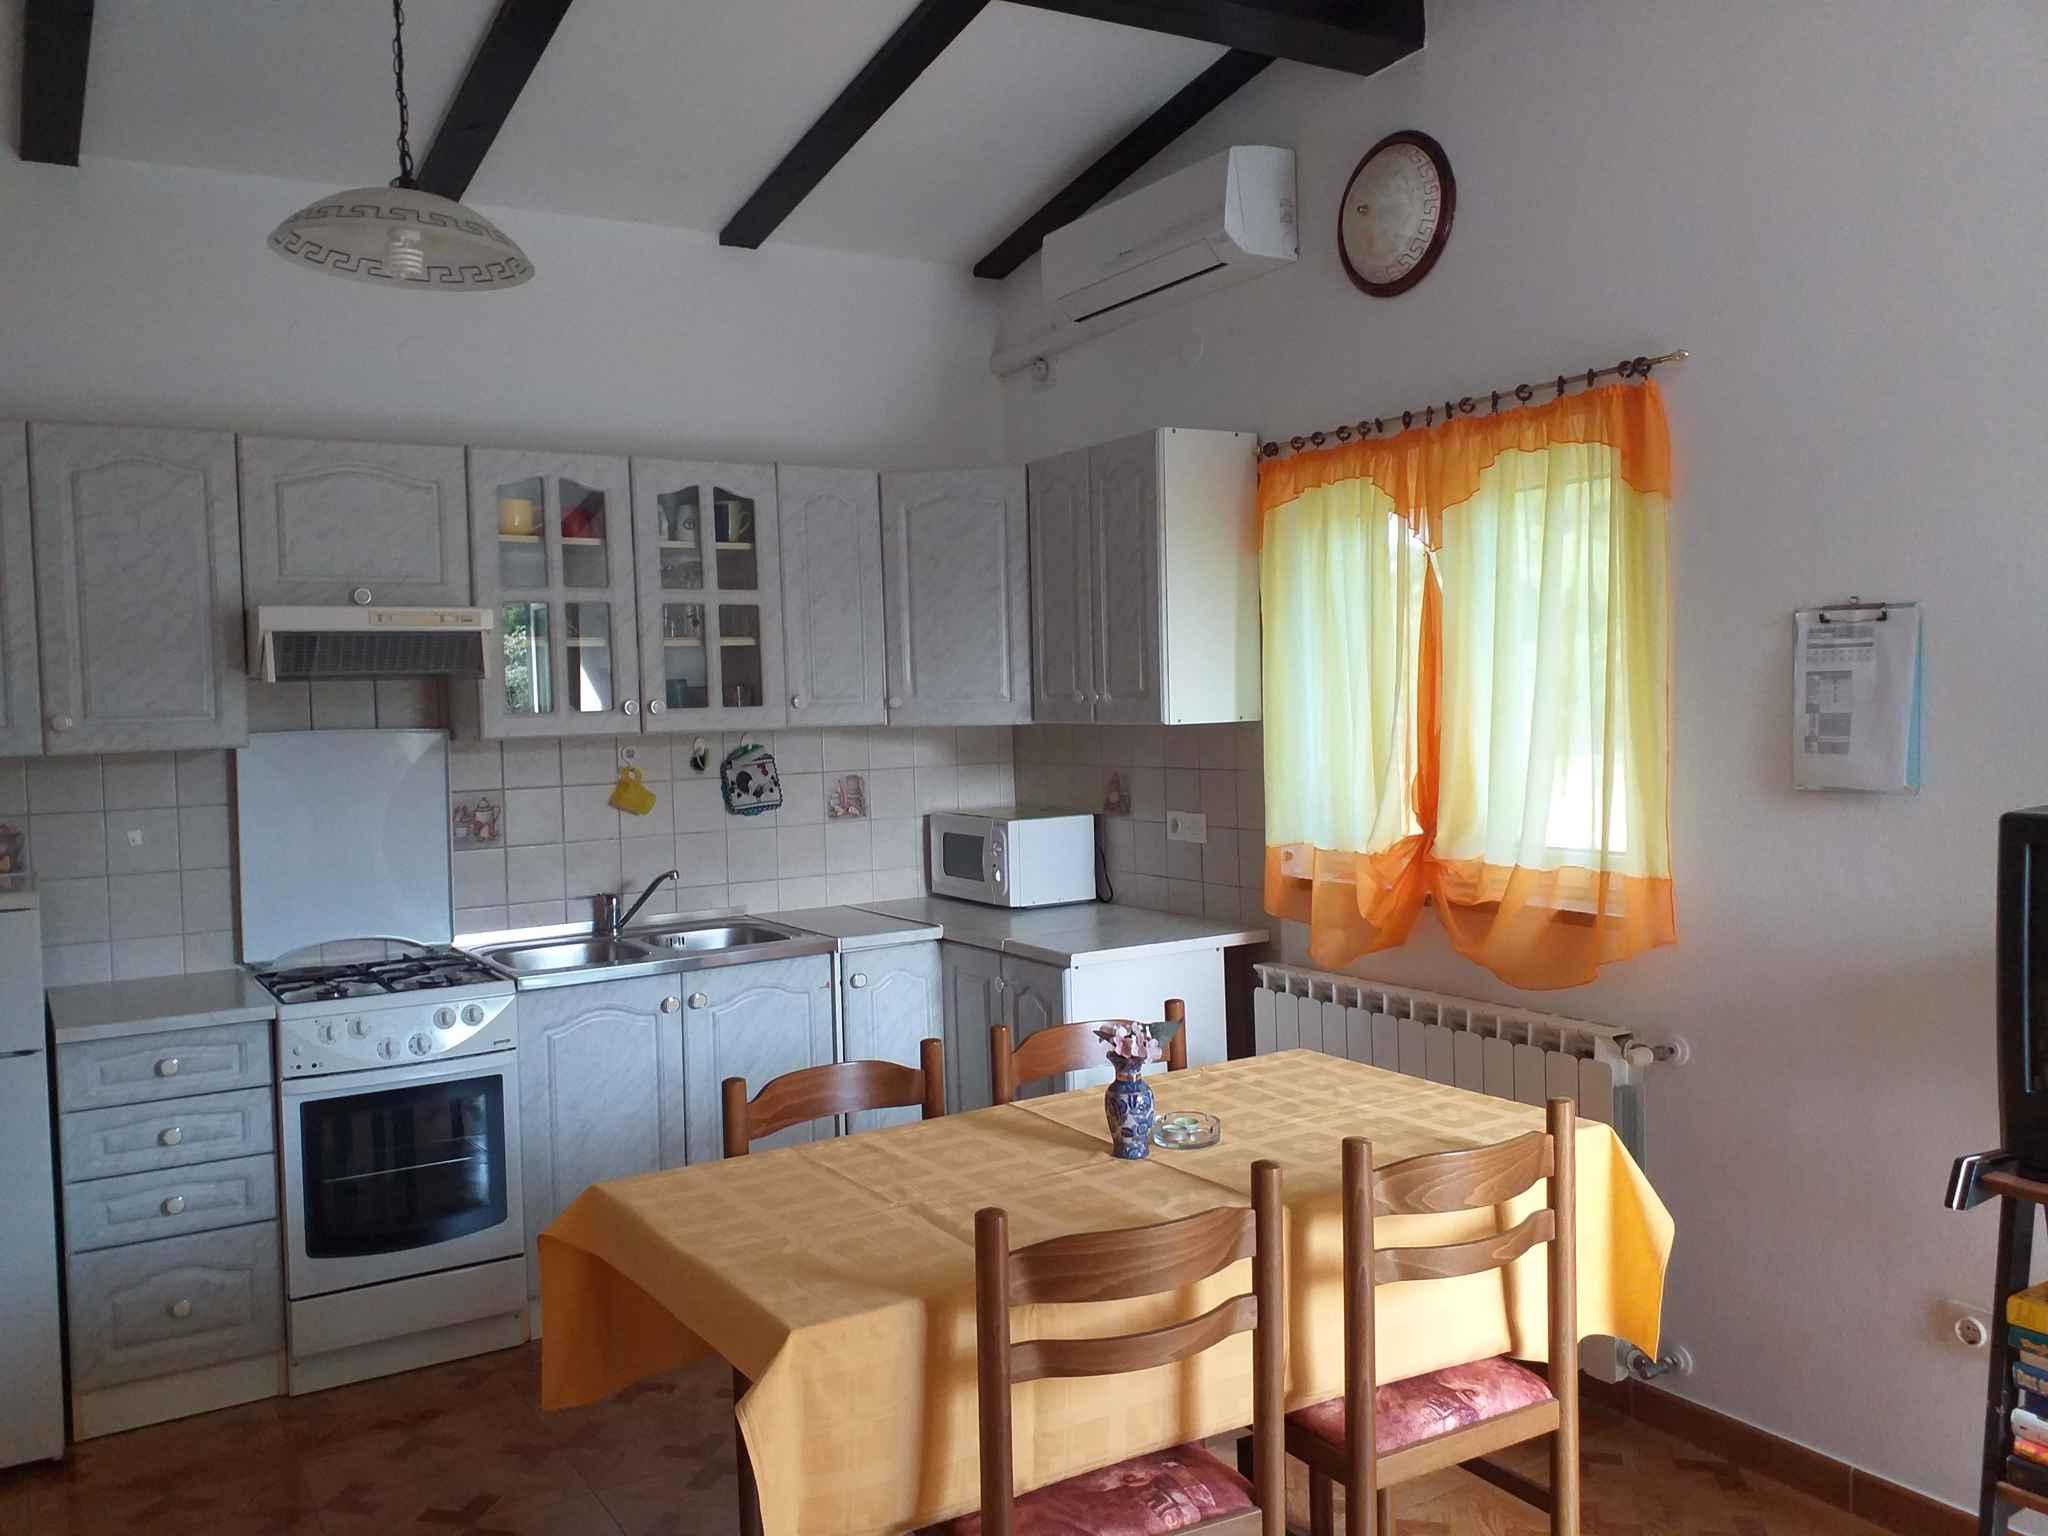 Ferienhaus mit Garten, 2,5km vom Meer entfernt (281005), Rovinj, , Istrien, Kroatien, Bild 12